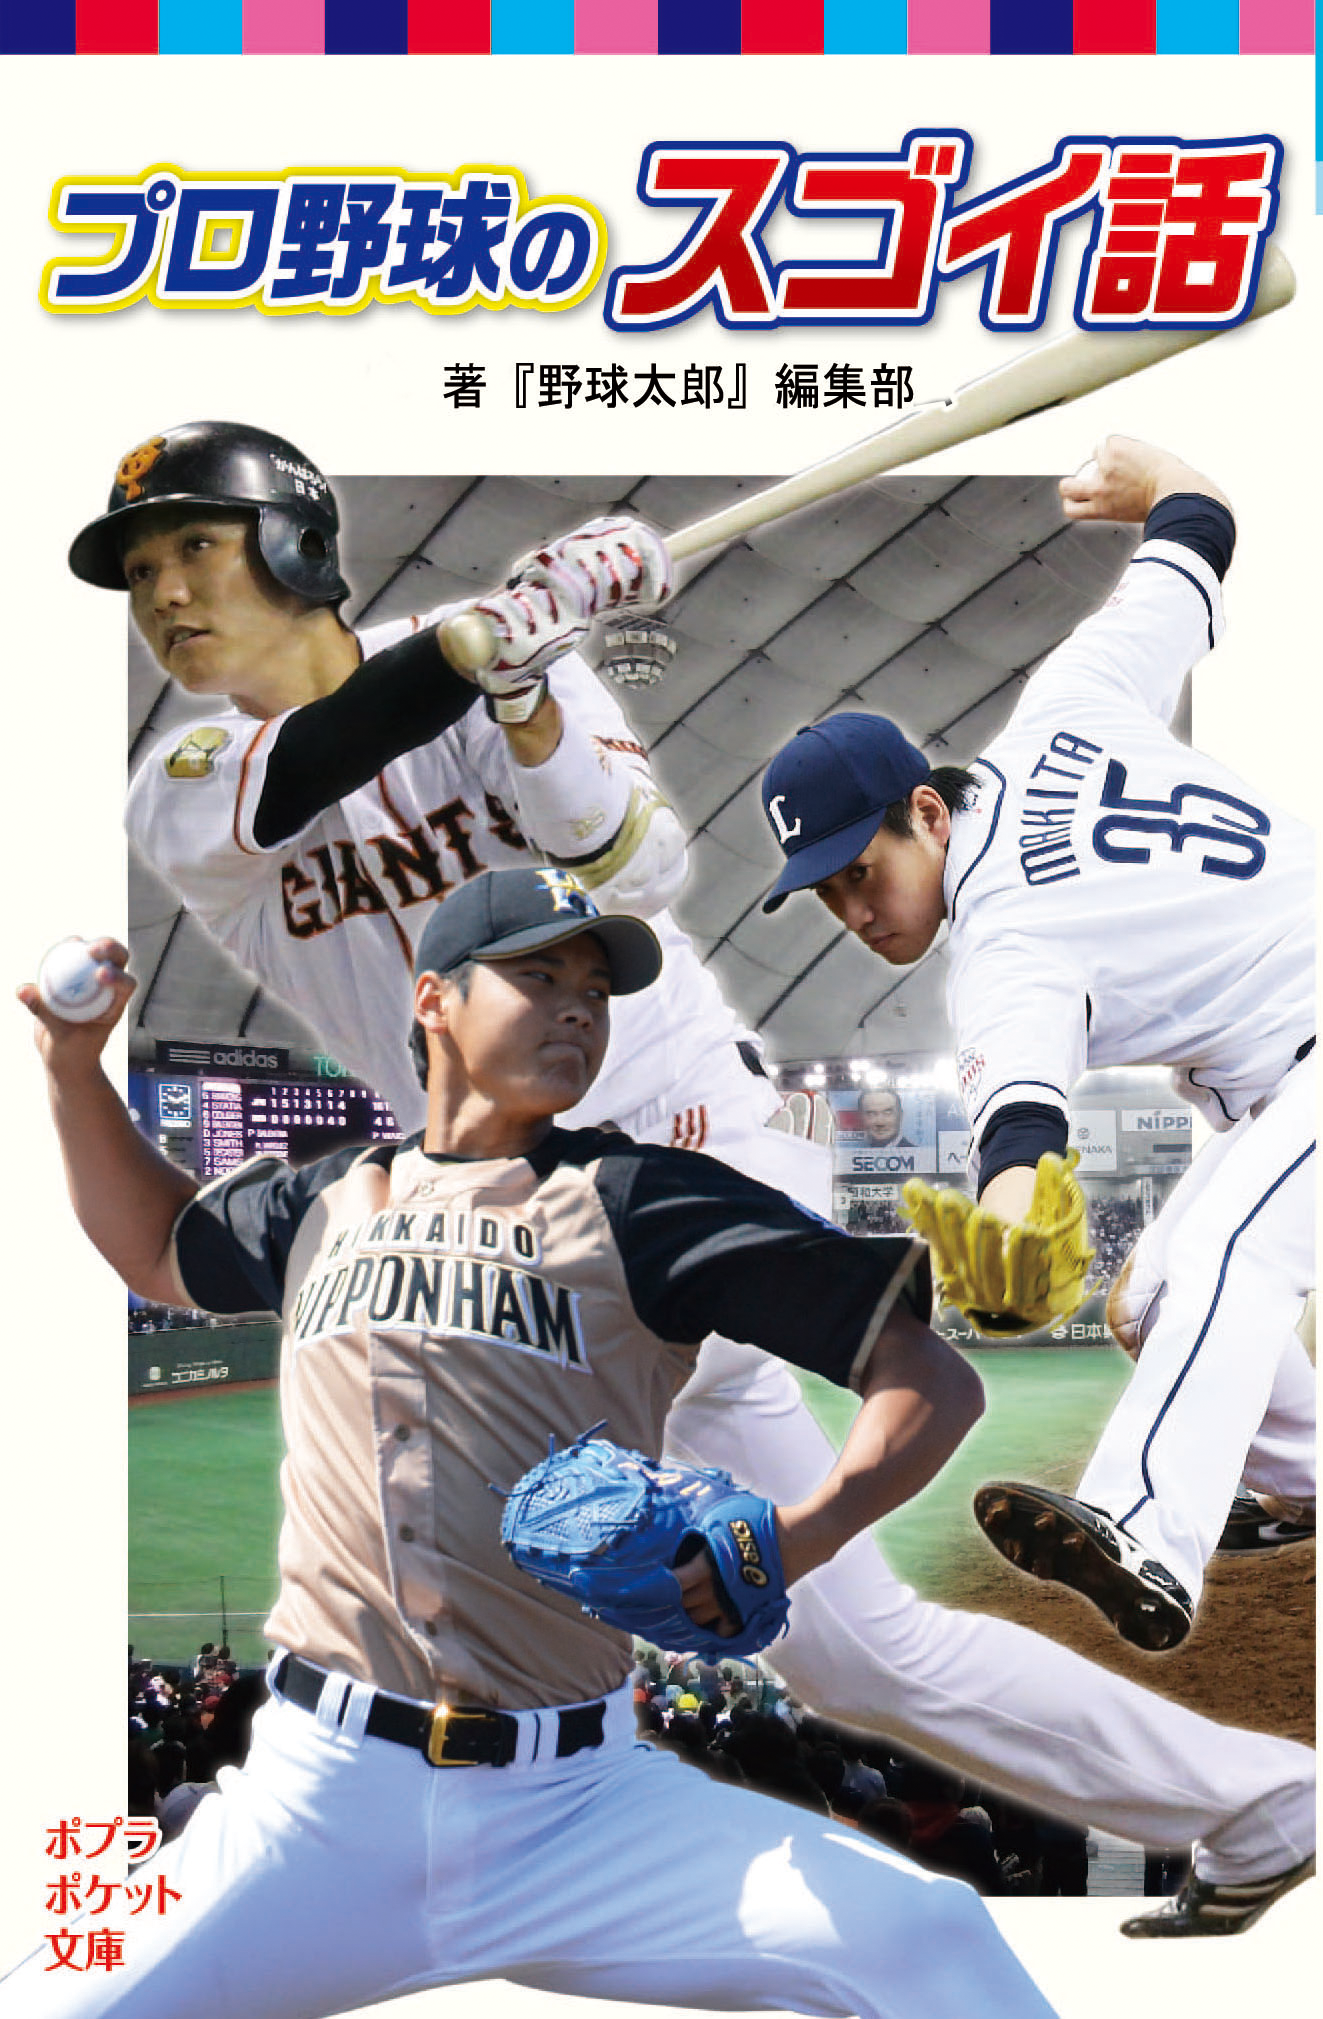 初の子供向けの書籍発売!『プロ野球のスゴい話』(ポプラポケット文庫)